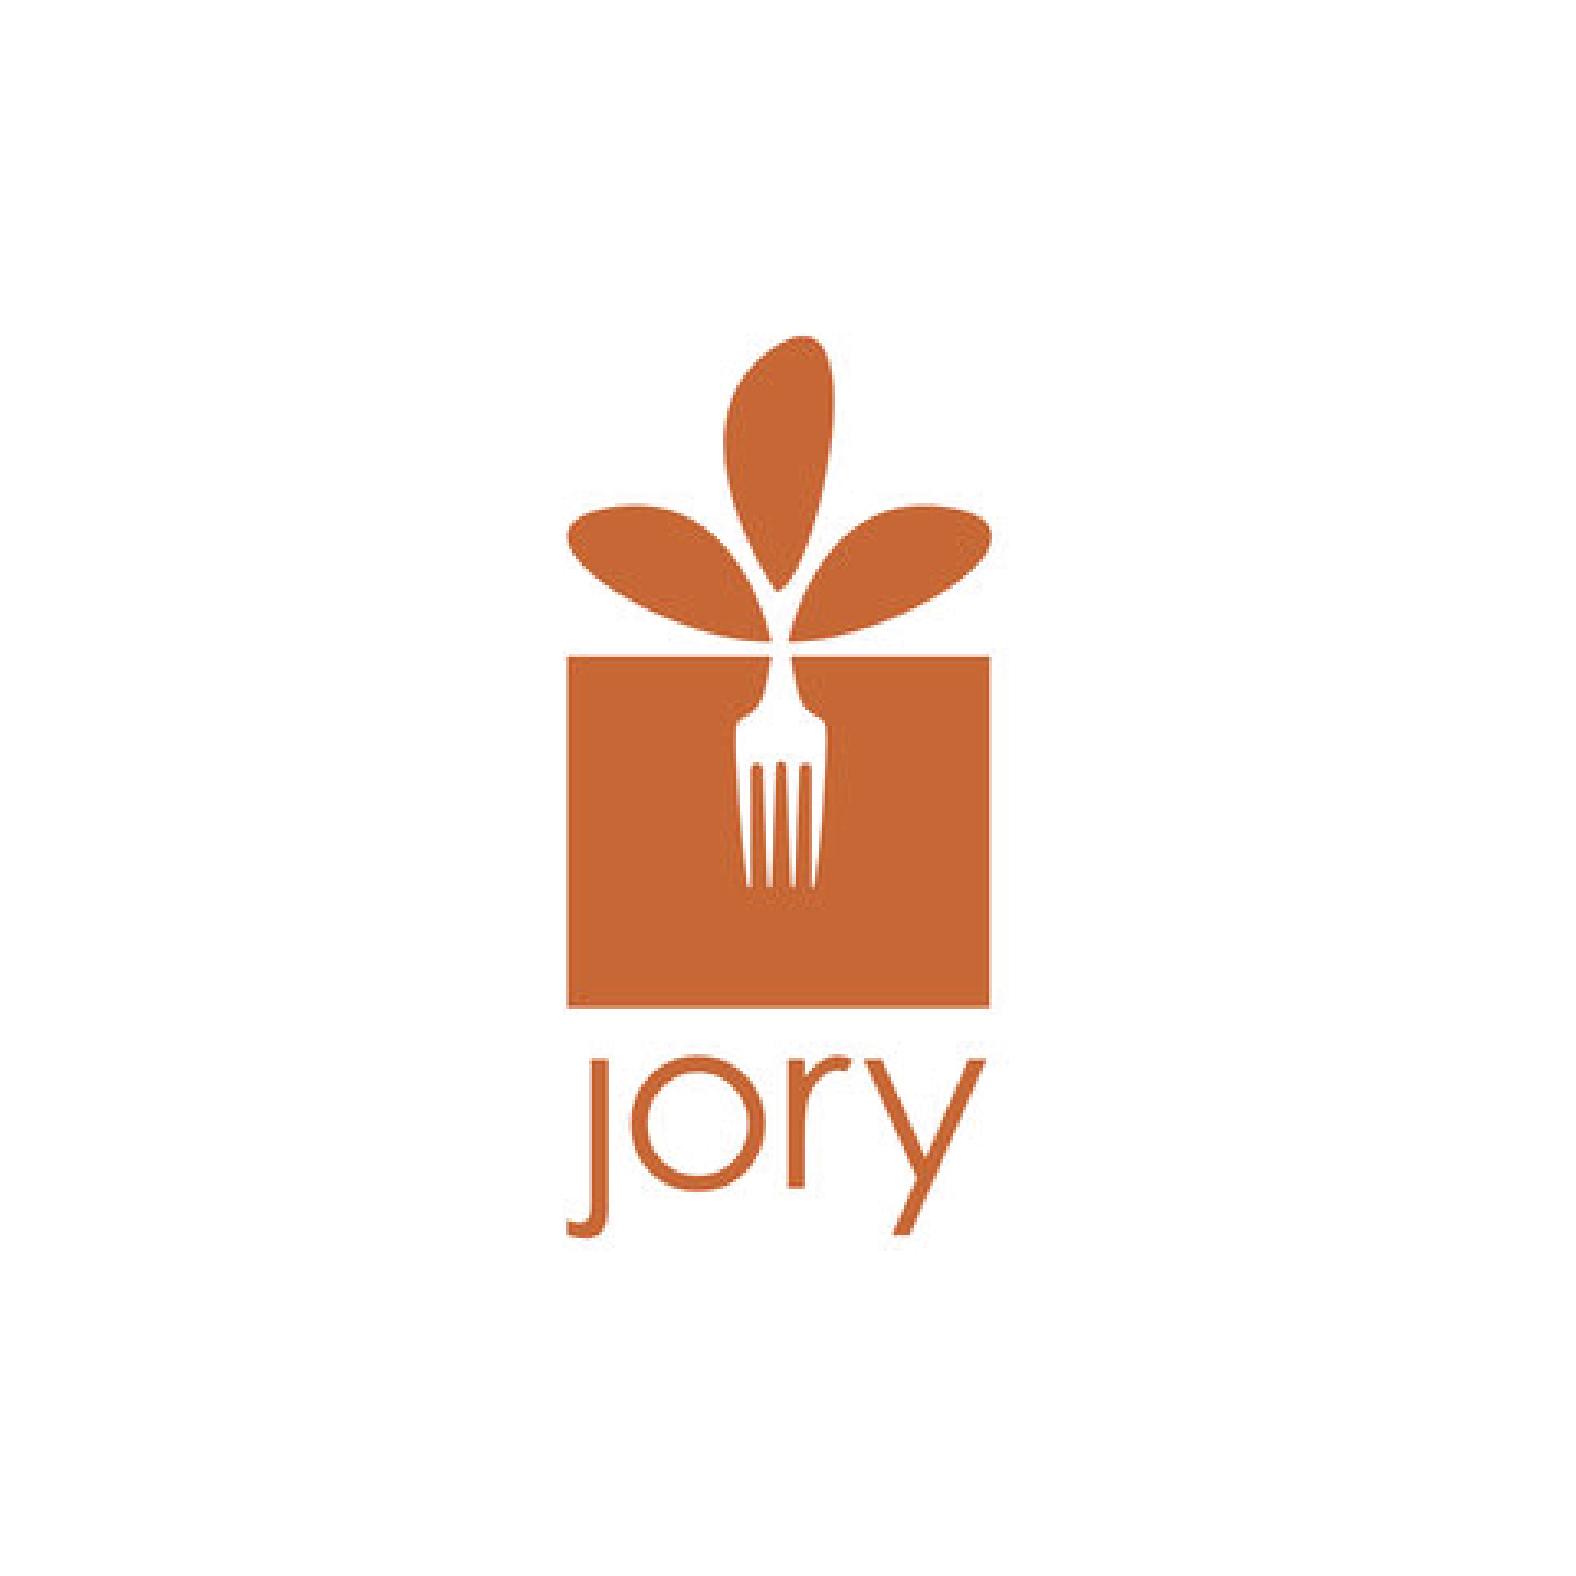 Jory-01.jpg